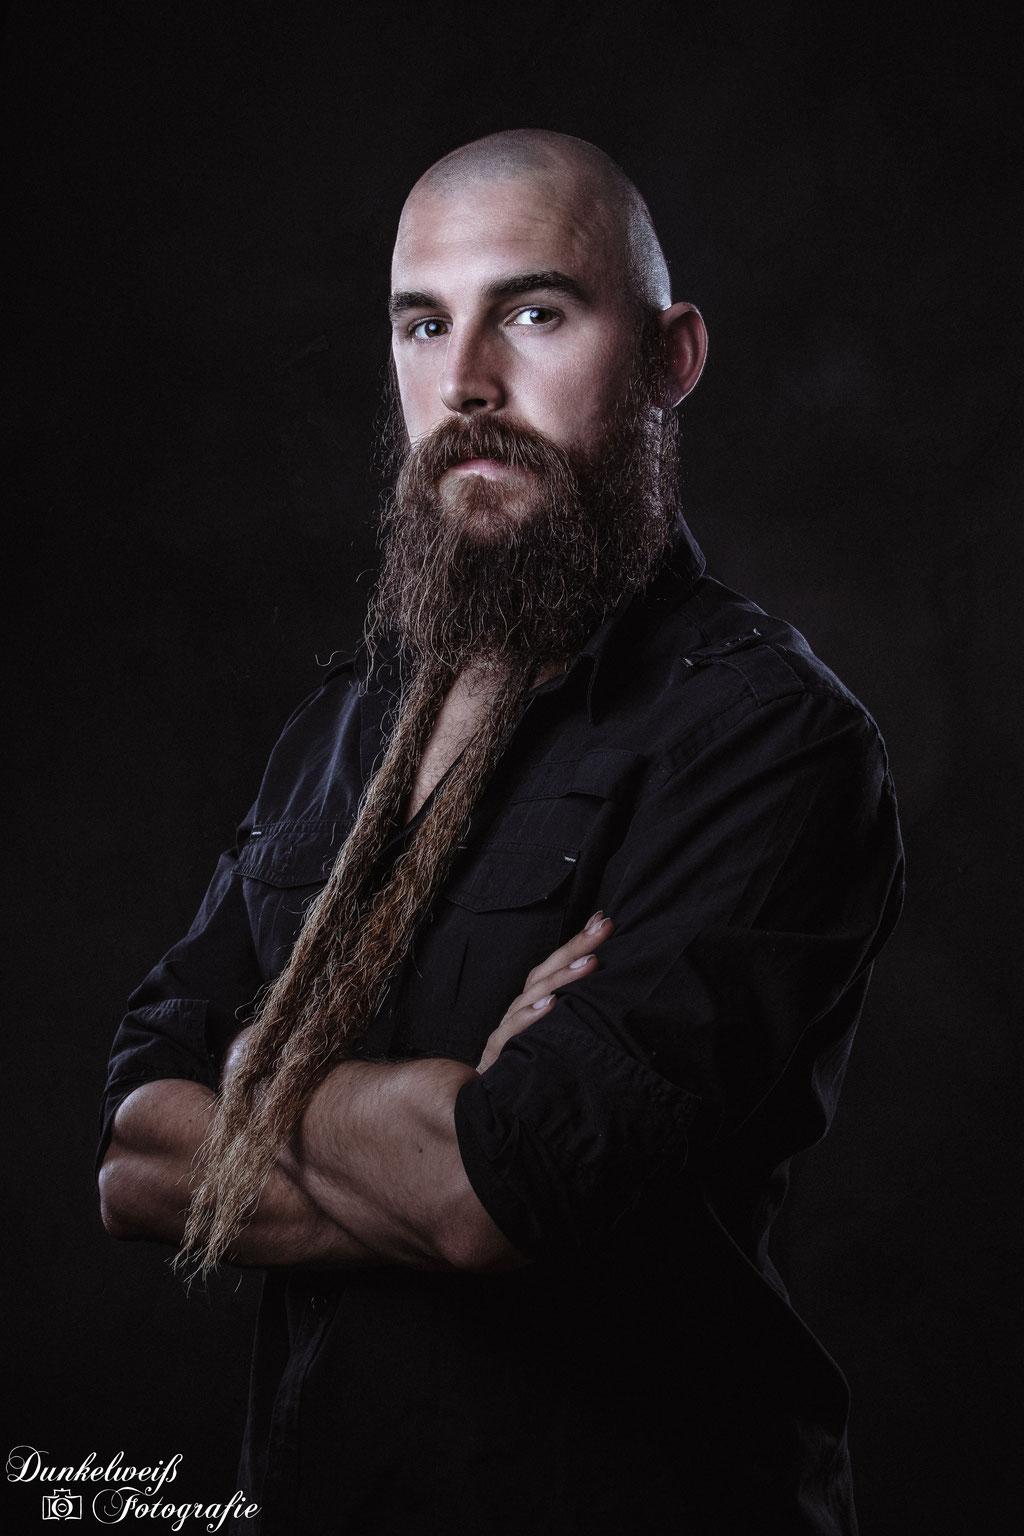 Portrait- Charakterportrait von Mann mit langem Bart im Studio Dunkelweiss-Fotografie